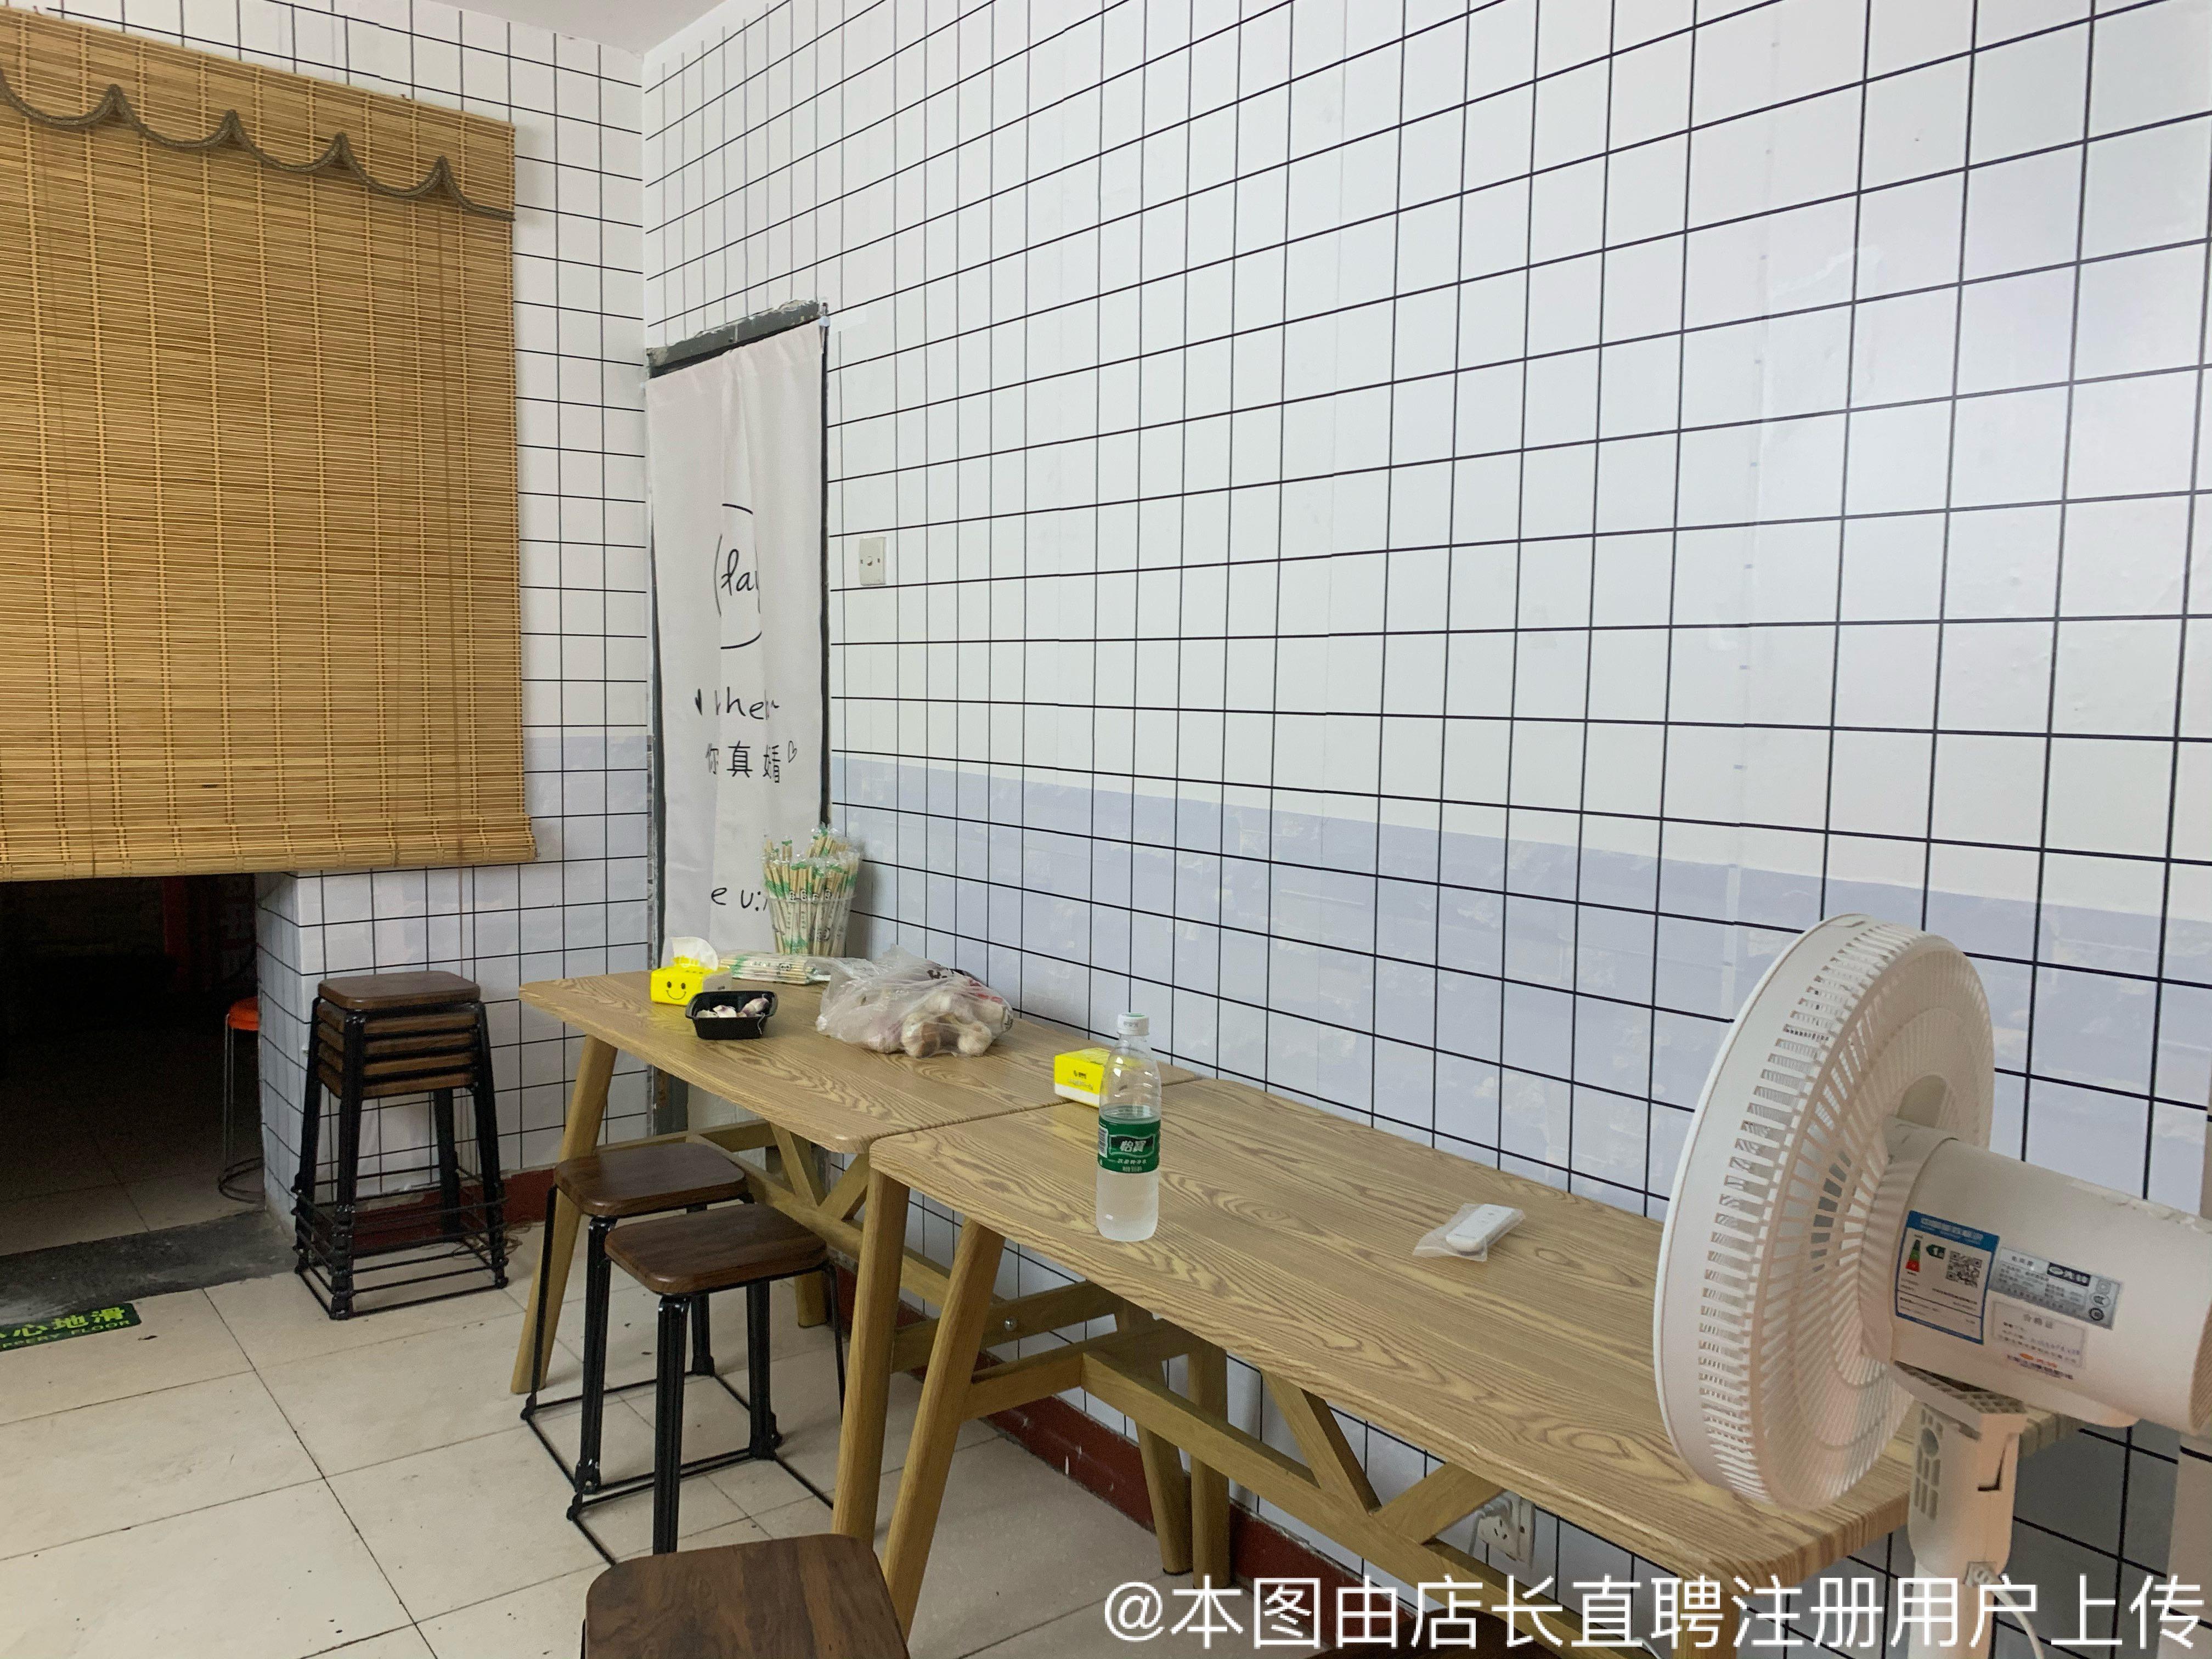 西安曲江新区胡珍珍餐饮店